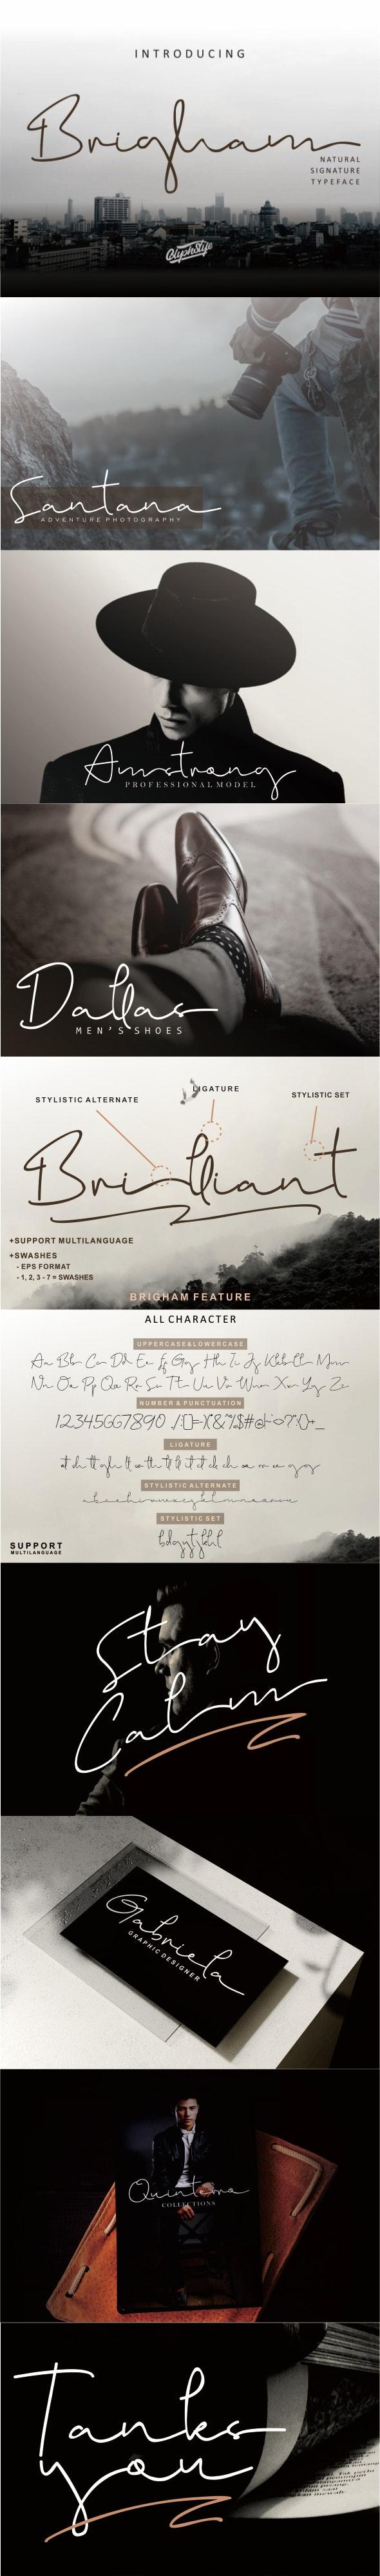 Brigham Signature Script - Hand-writing Script